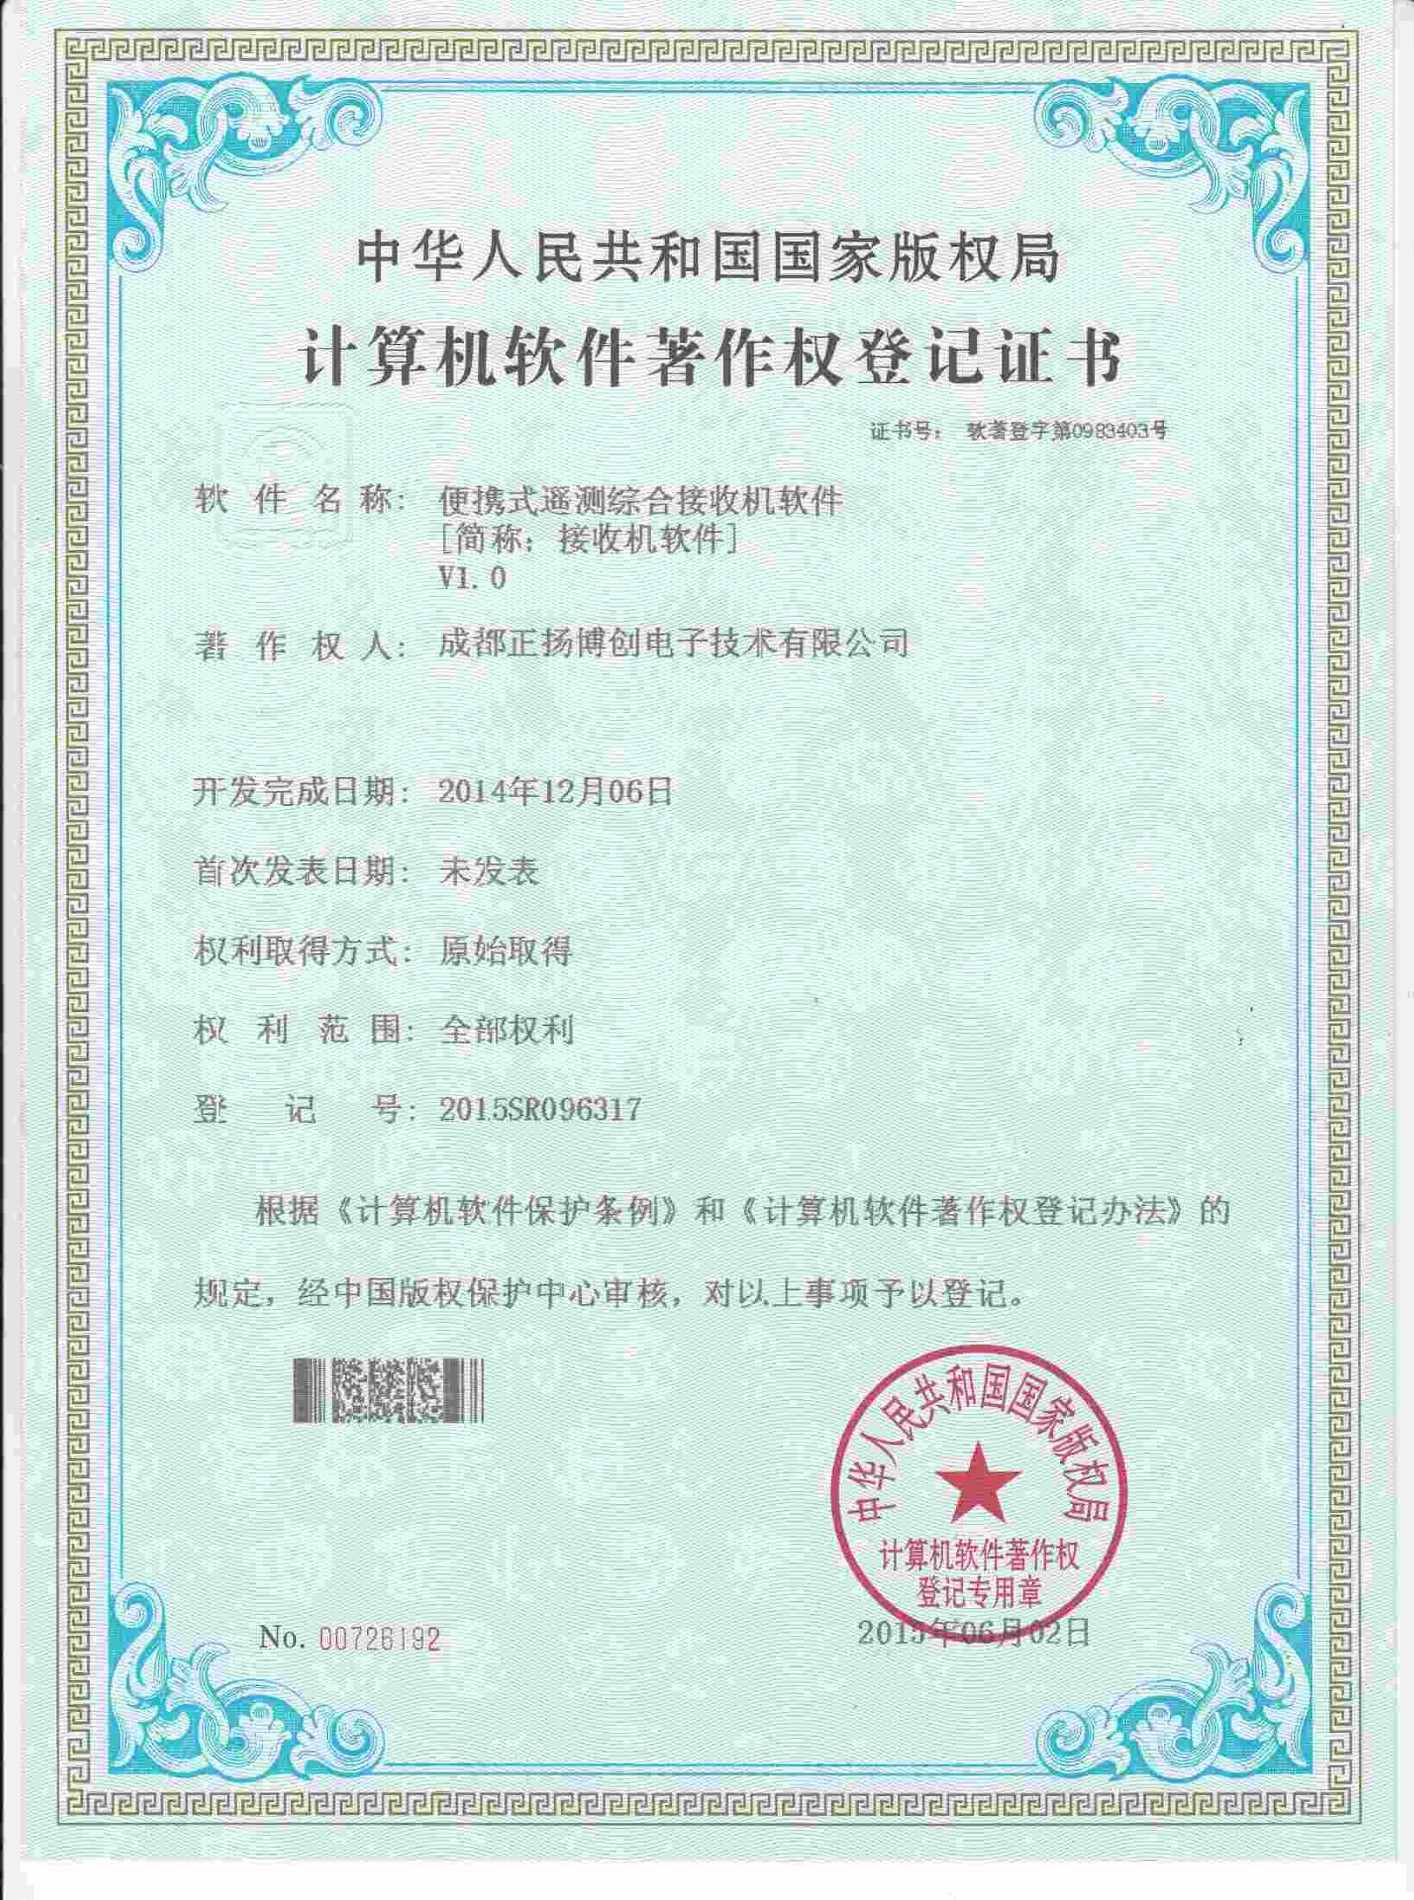 برنامج حقوق التأليف والنشر التسجيل الشهادة